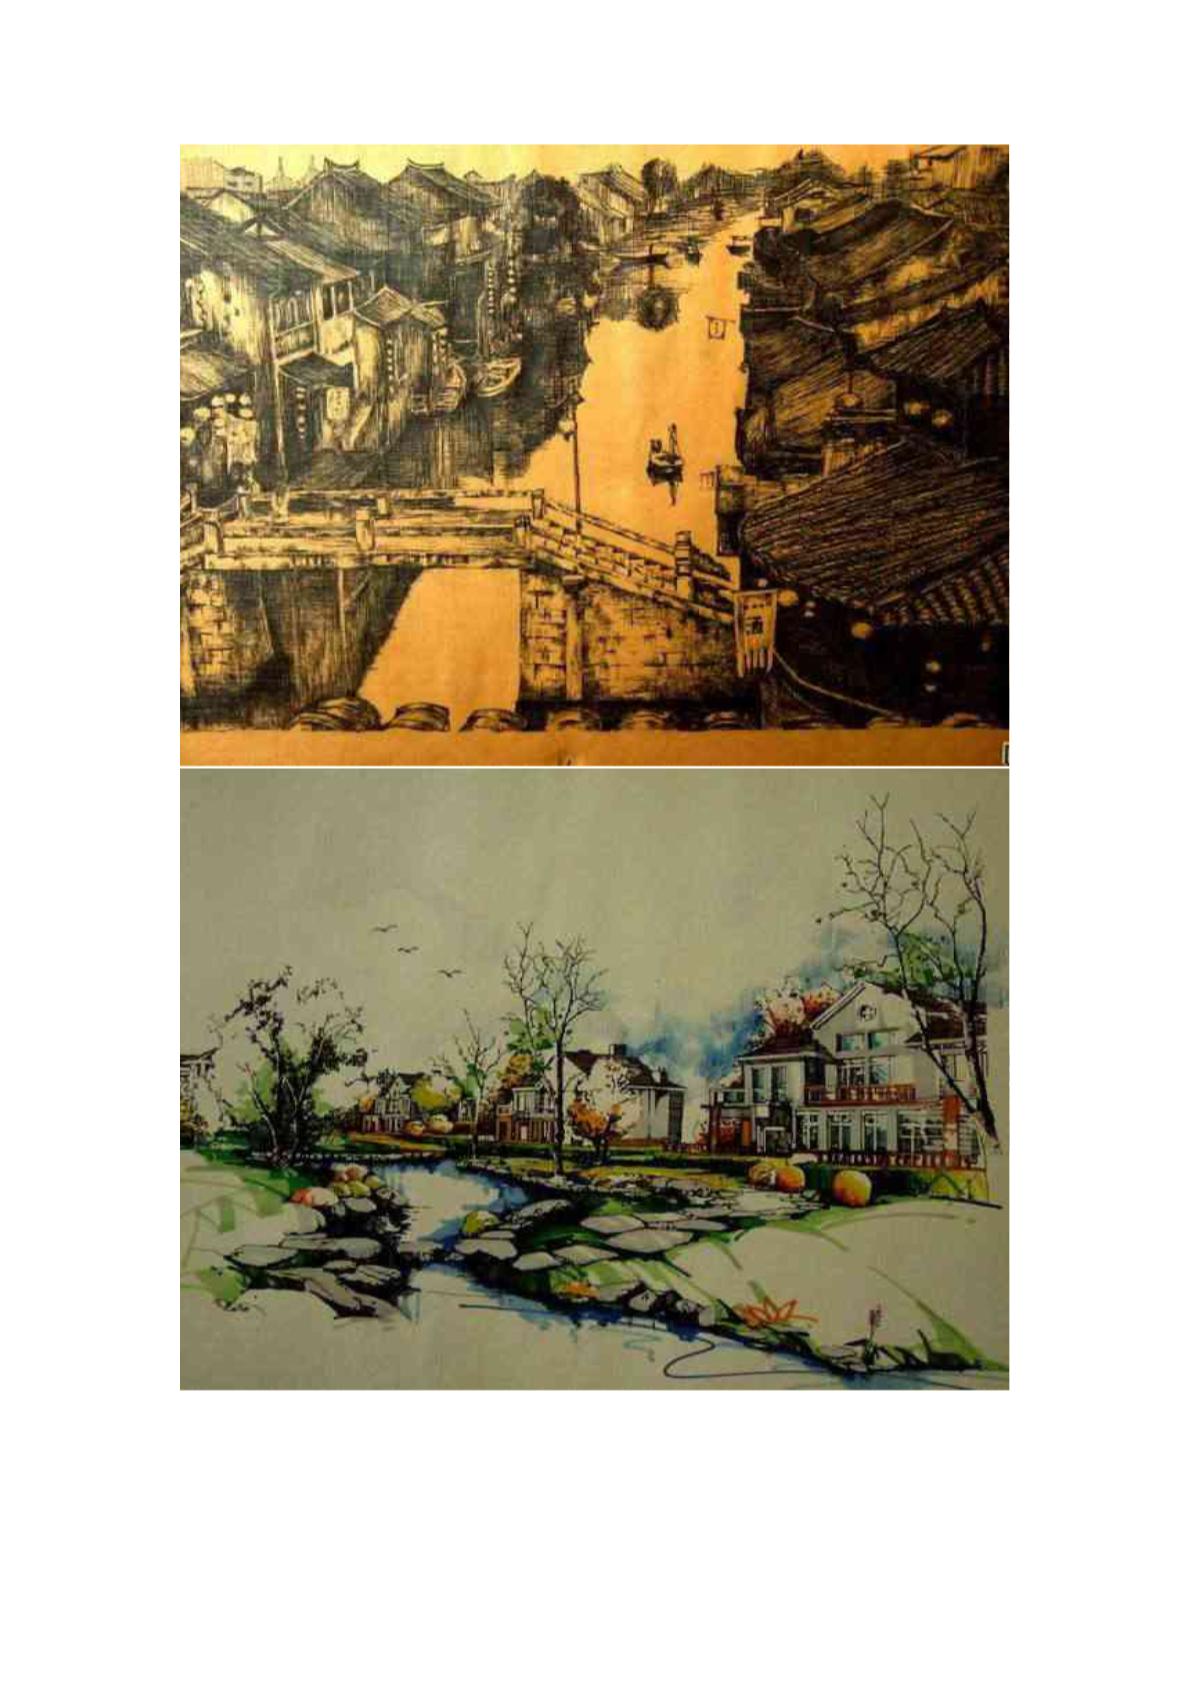 中国手绘建筑画大赛获奖作品图片1